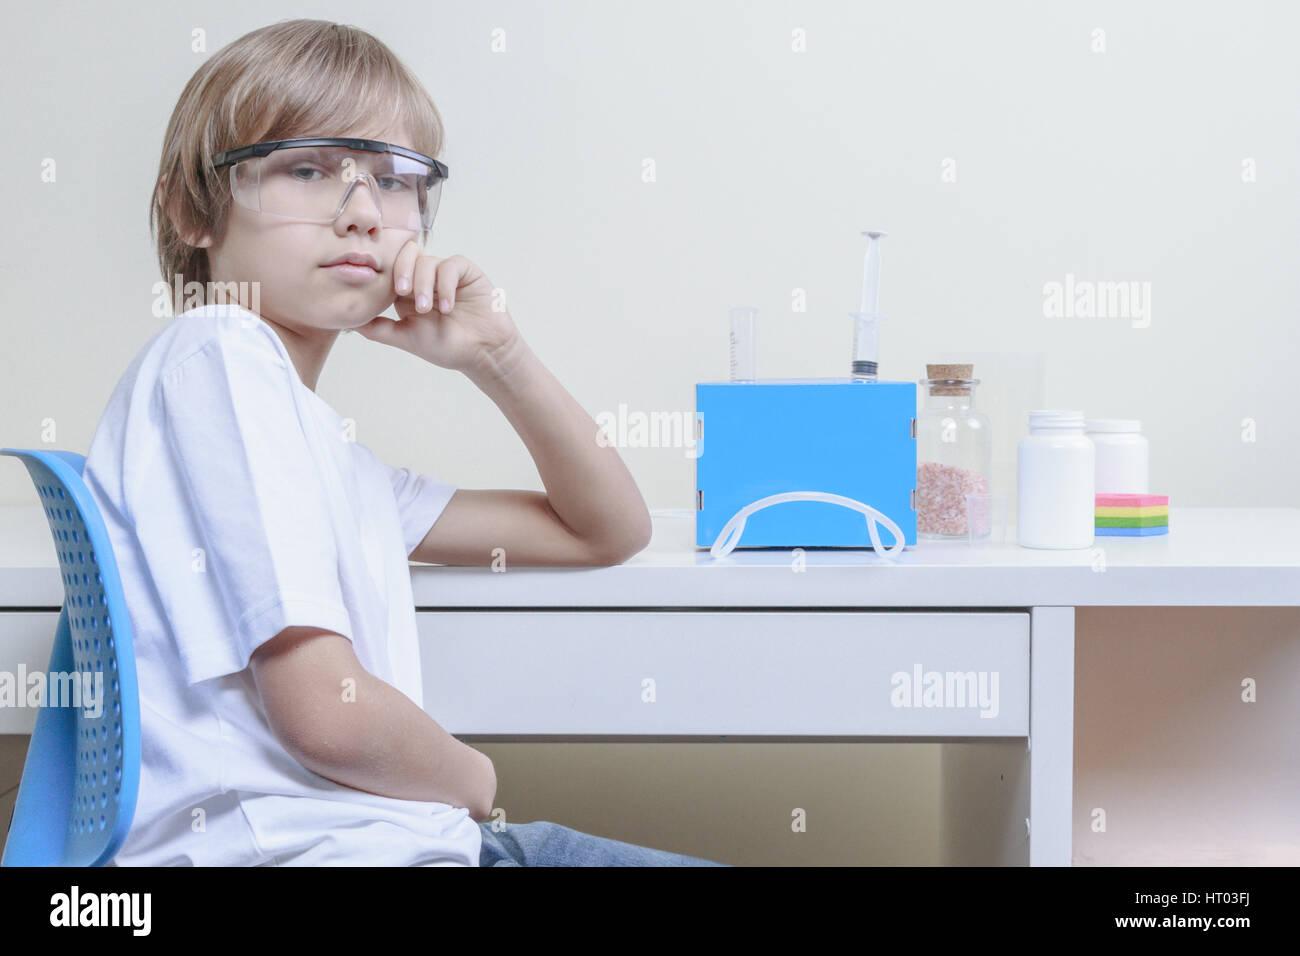 Jungen machen naturwissenschaftliche Experimente. Bildungskonzept. Stockbild